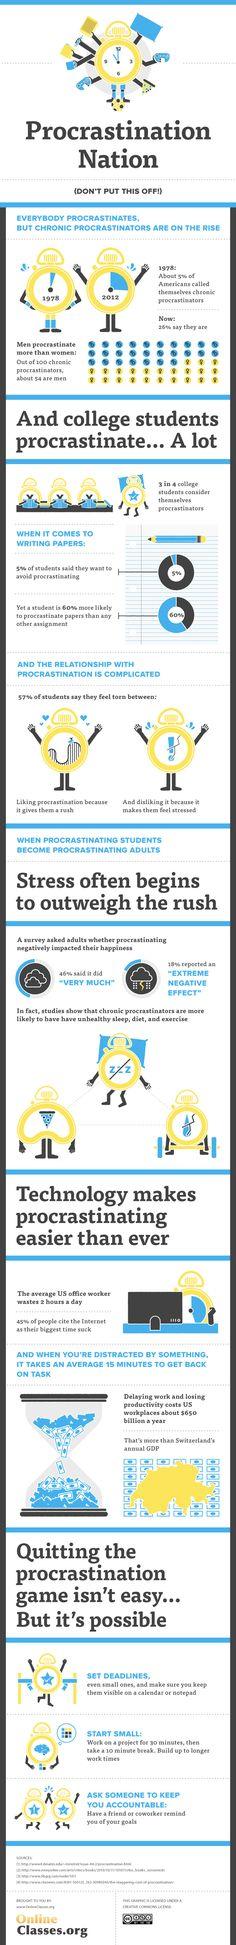 procrastinate much?